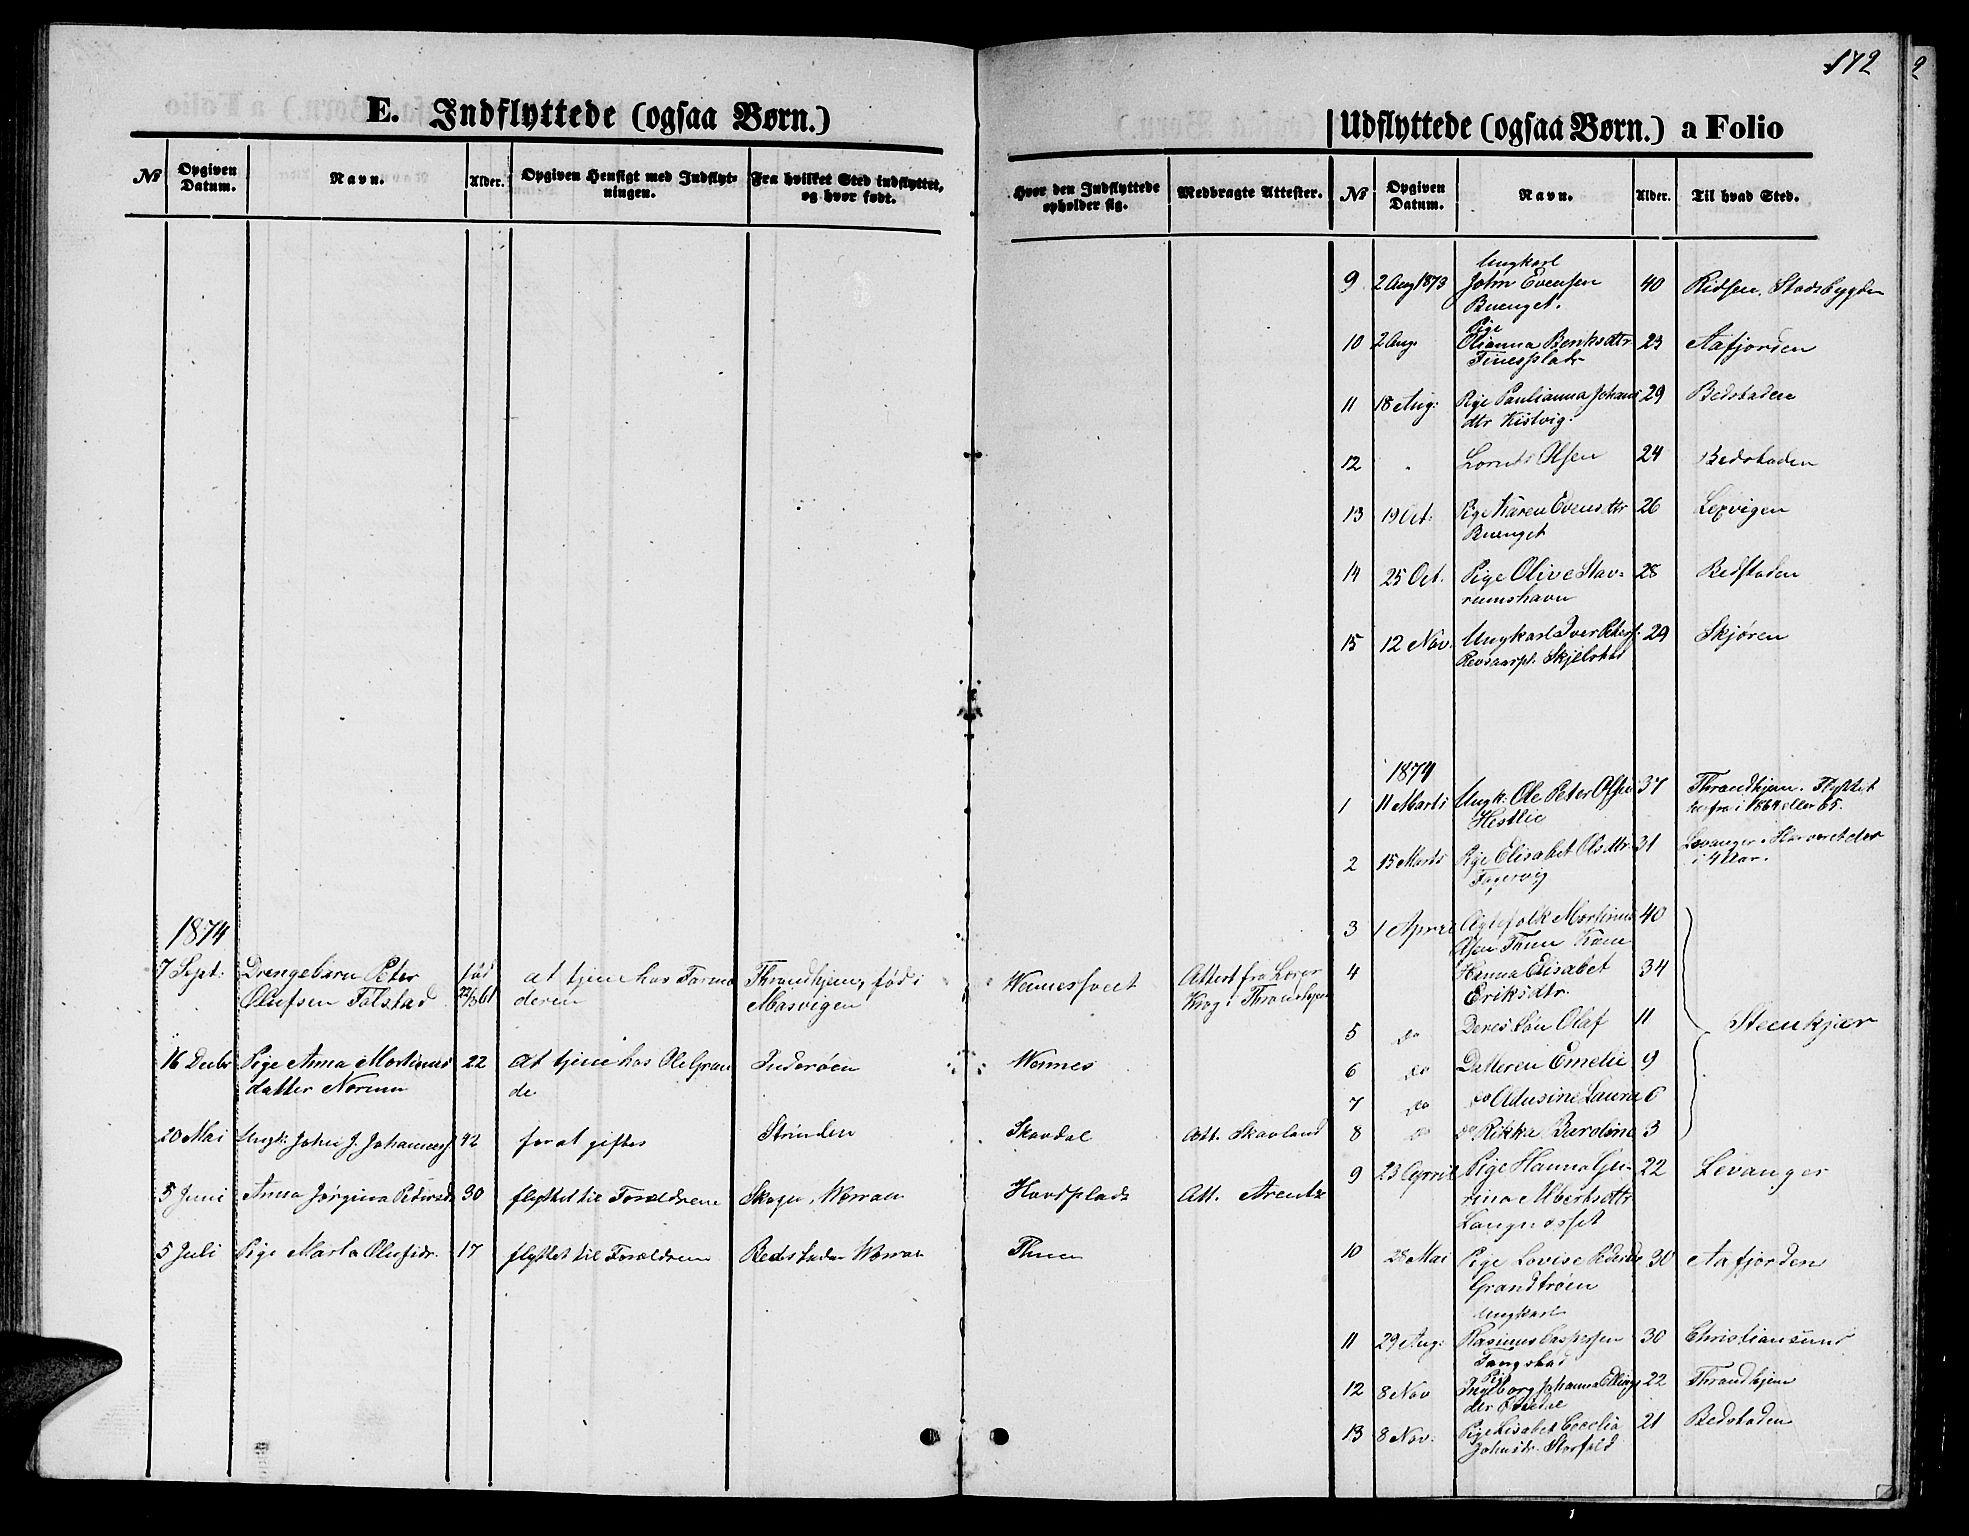 SAT, Ministerialprotokoller, klokkerbøker og fødselsregistre - Nord-Trøndelag, 744/L0422: Klokkerbok nr. 744C01, 1871-1885, s. 172